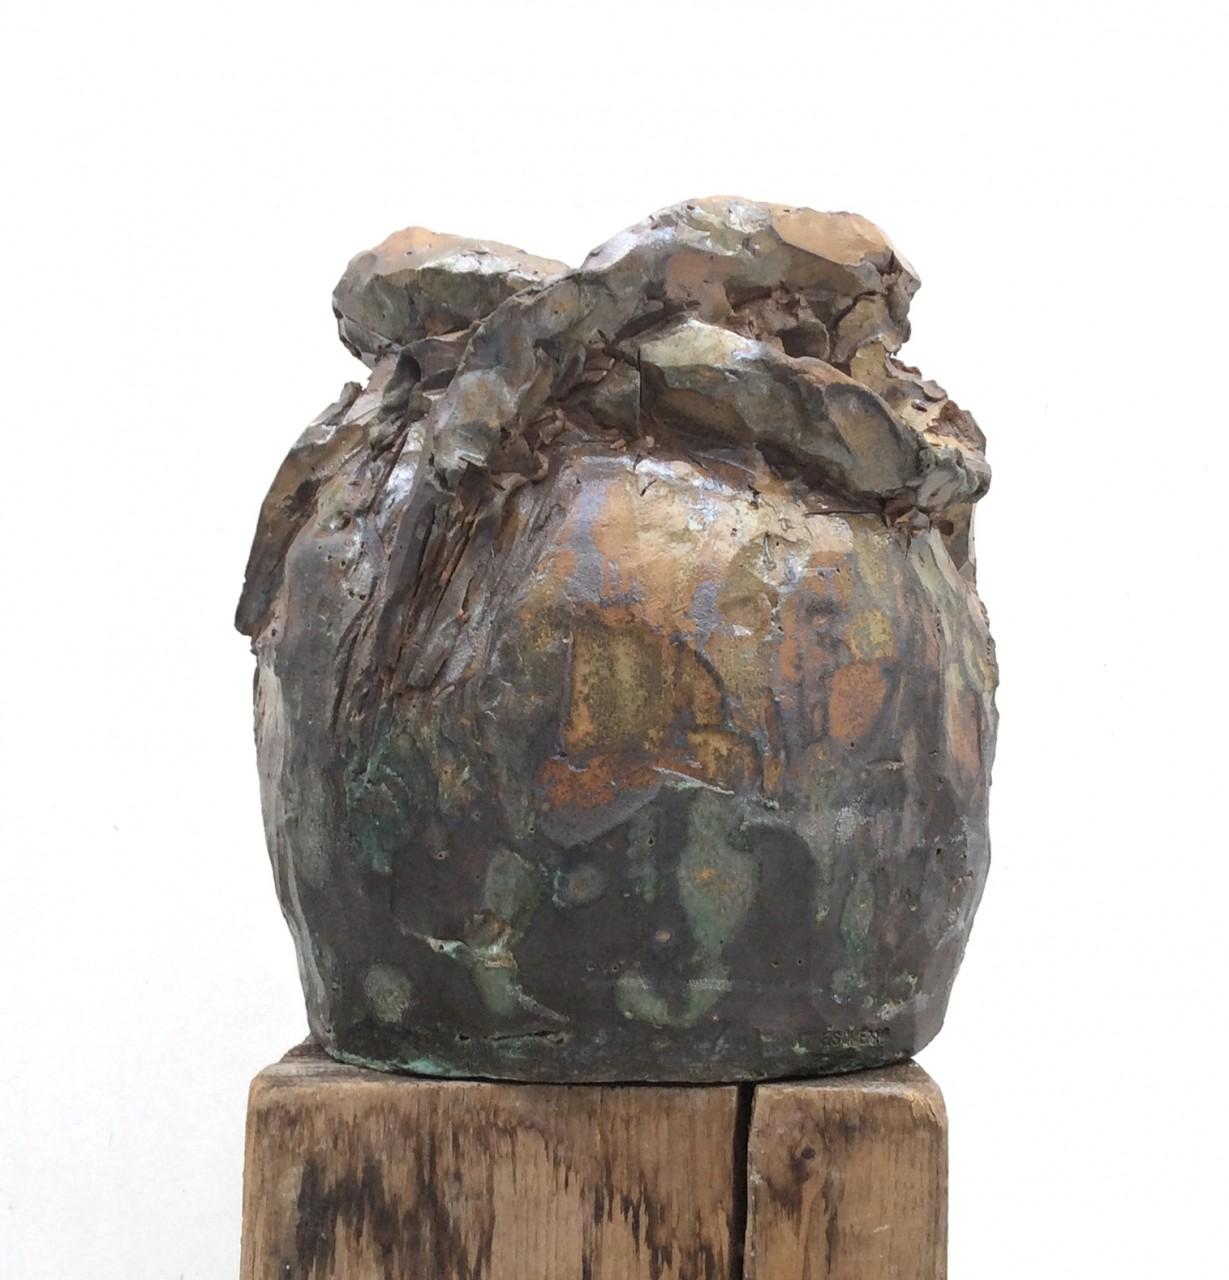 vase-ceramique-dedans-la-mer-laurent-esquerre-2